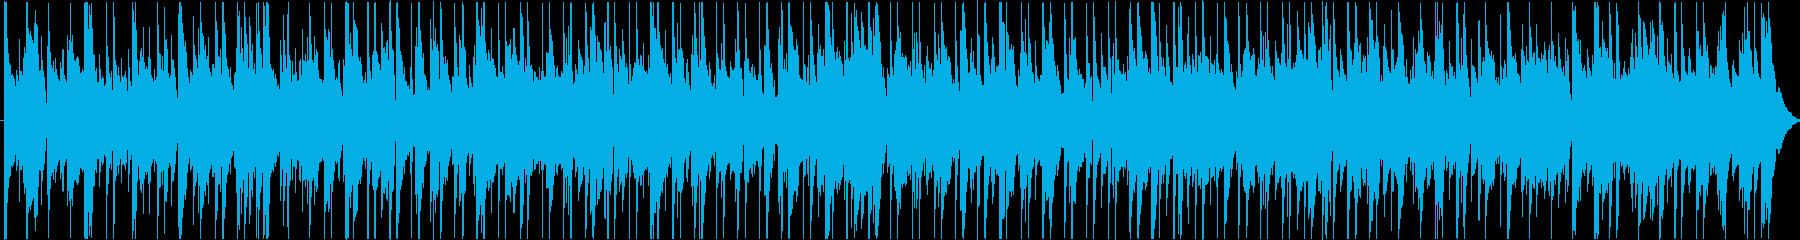 ハワイをイメージしたバラードの再生済みの波形